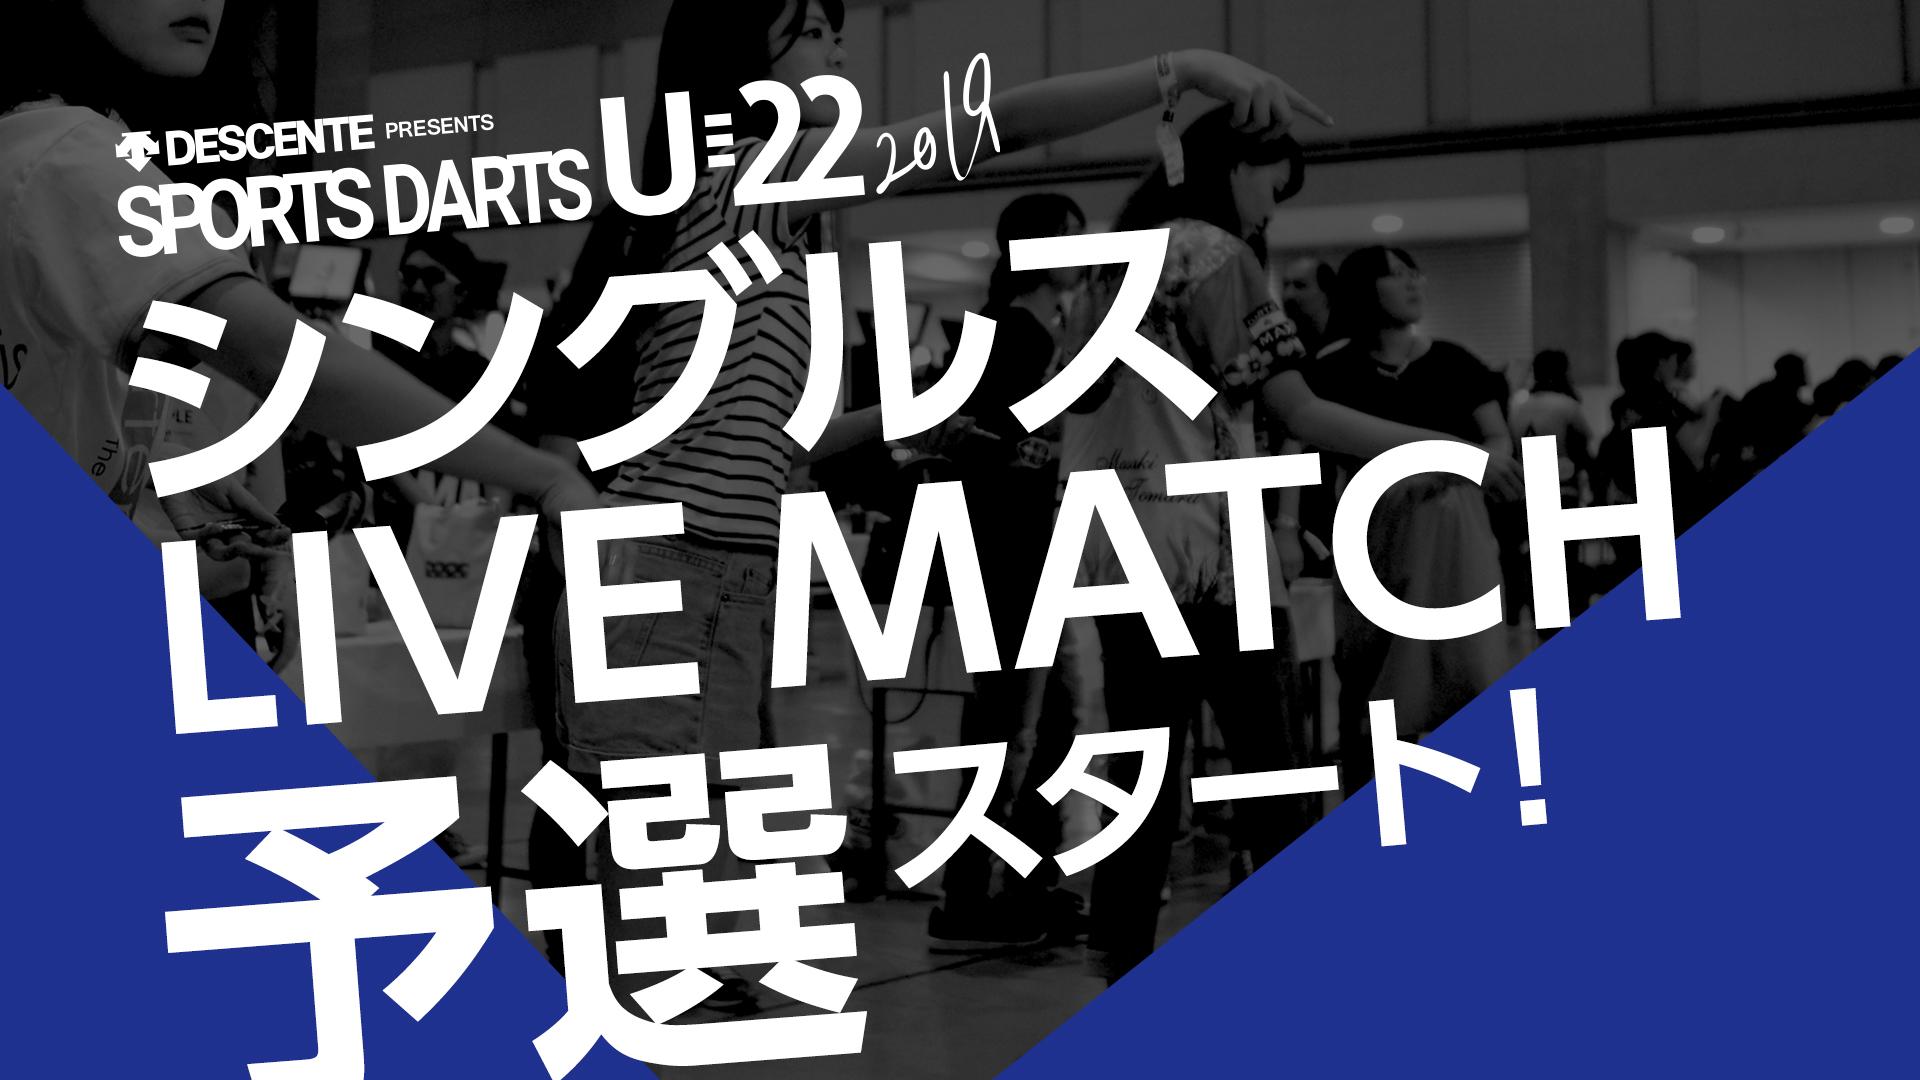 【U-22】シングルスLIVE MATCH予選スタート!!